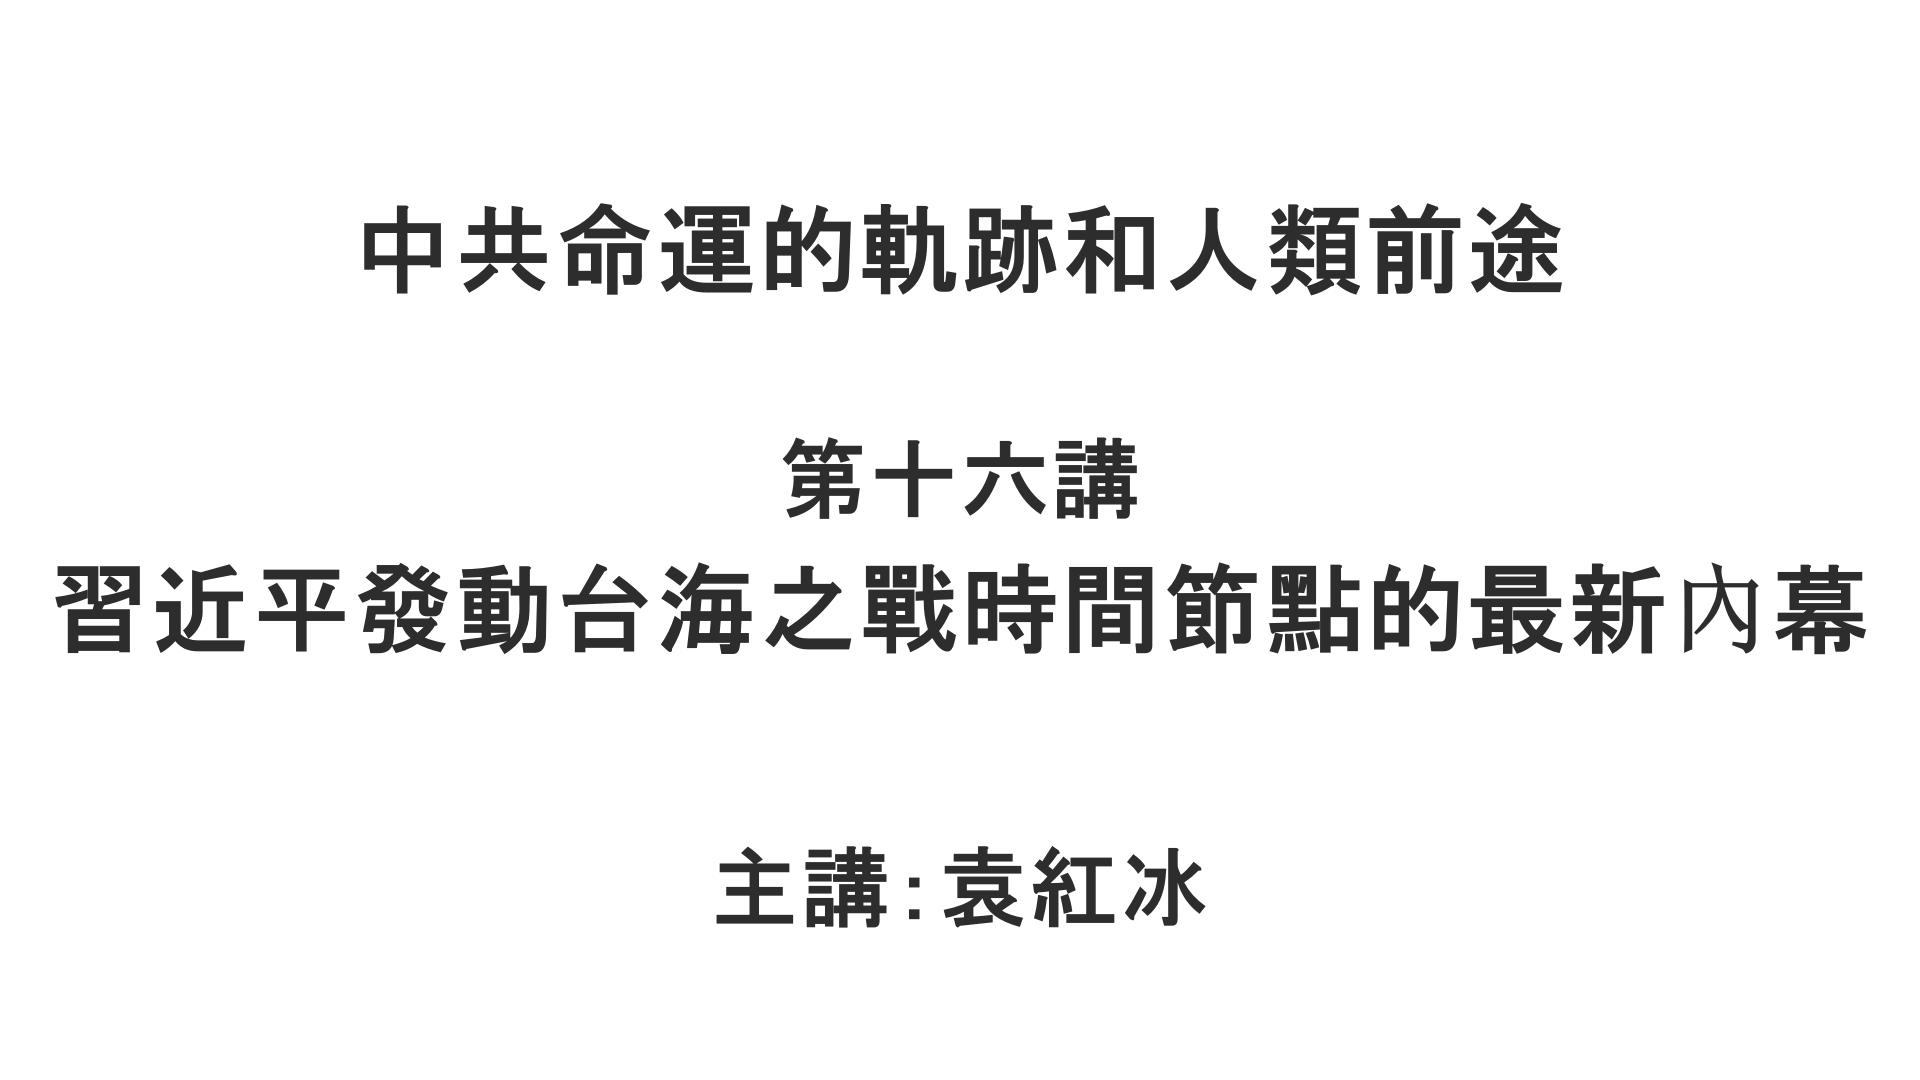 YuanHongBing-ZongLun-5-16-05182021